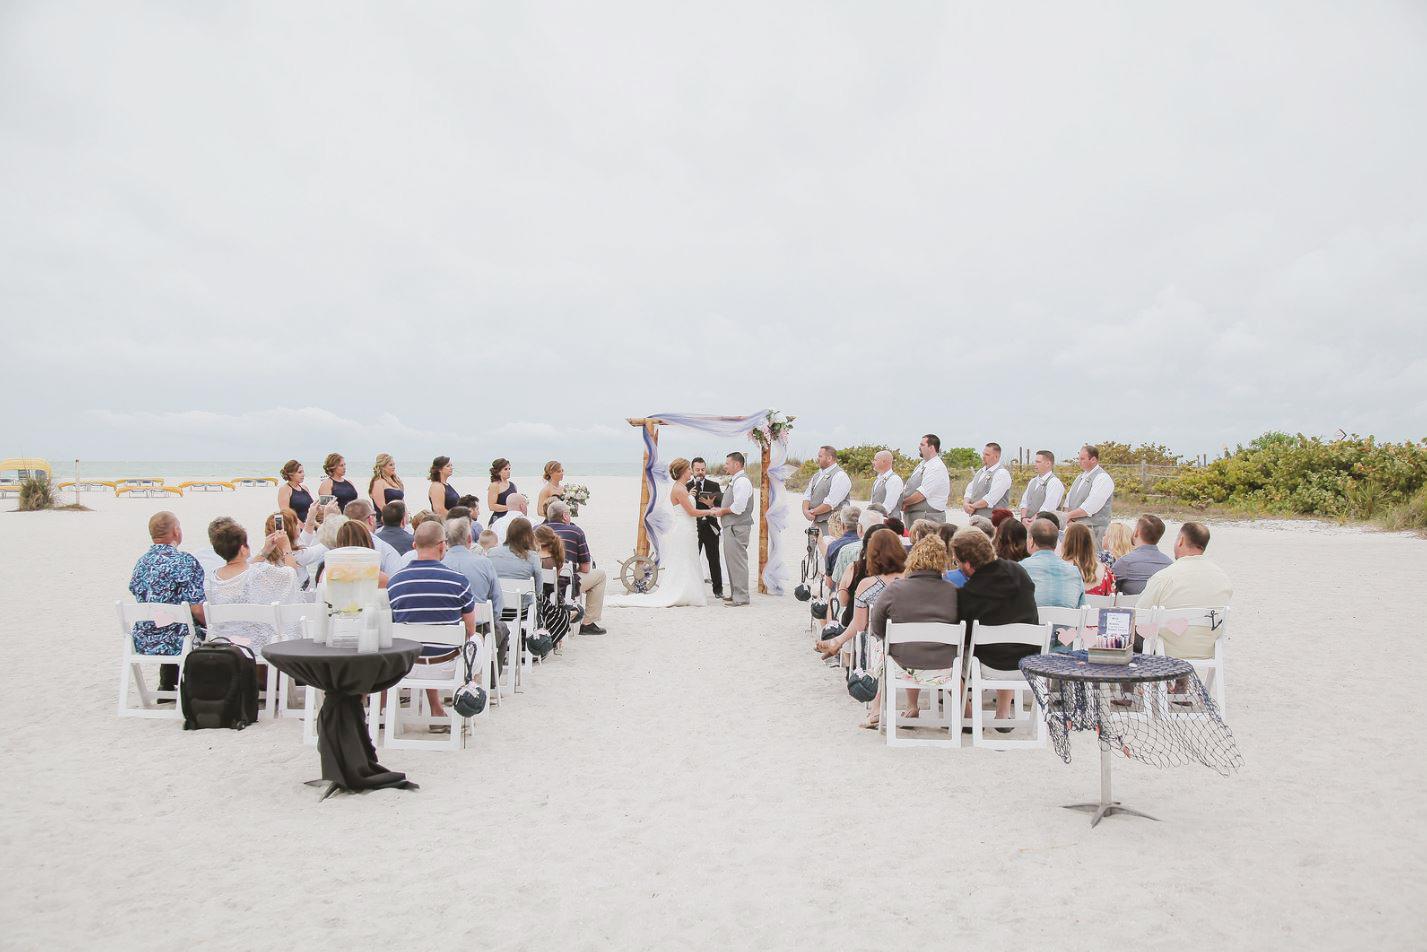 Jaime_wedding_photographer_020.JPG